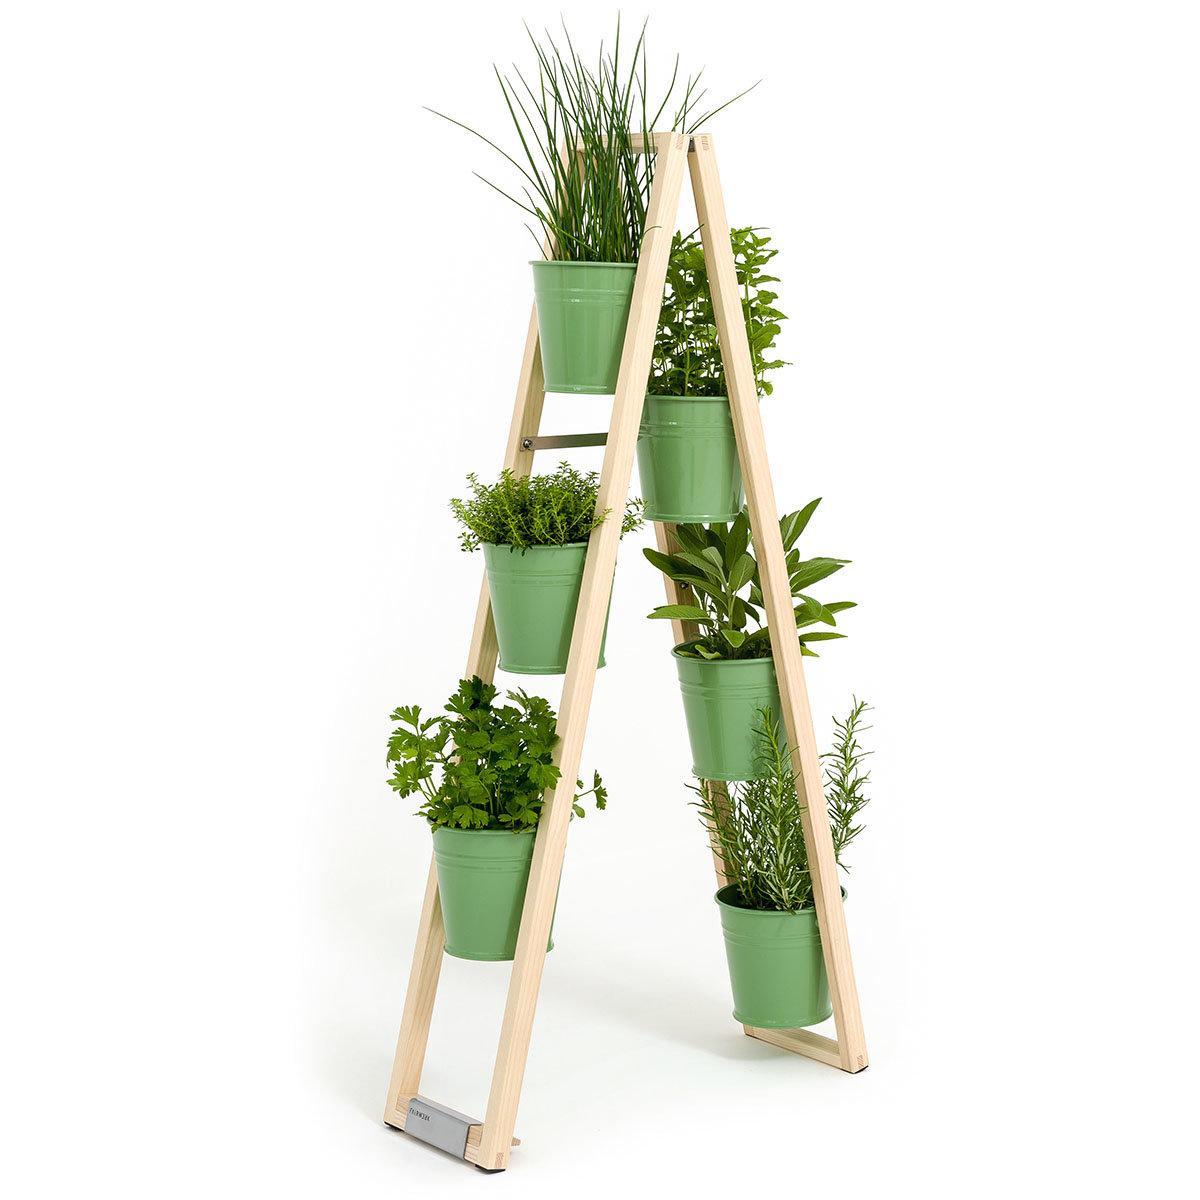 Pflanzleiter mit Topf 2-in-1 ,238x22x42 cm, Eschenholz, blassgrün | #3